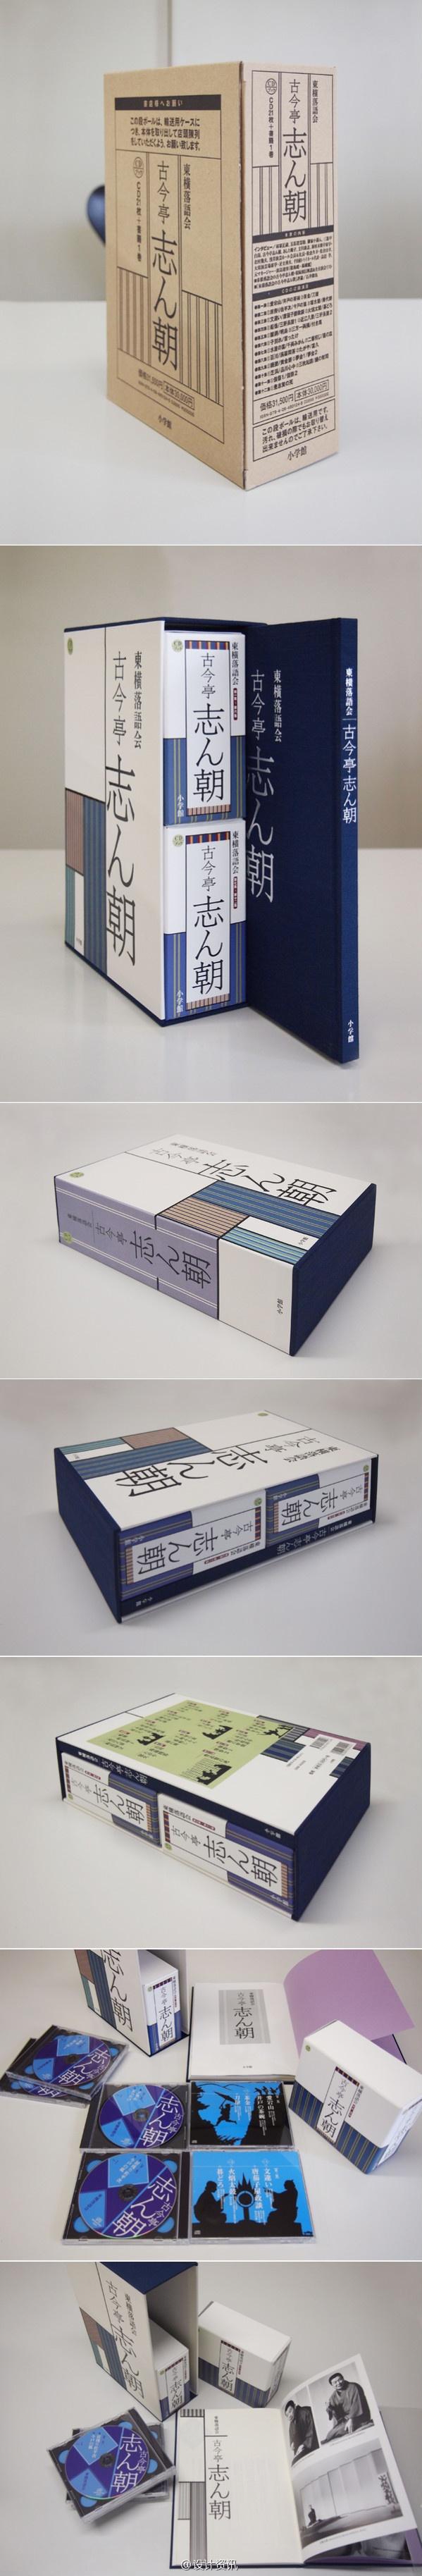 日本Hiroshi Takahara设计事务所,装帧作品:RAKUGO Audio Book Box(单口相声及音频)。